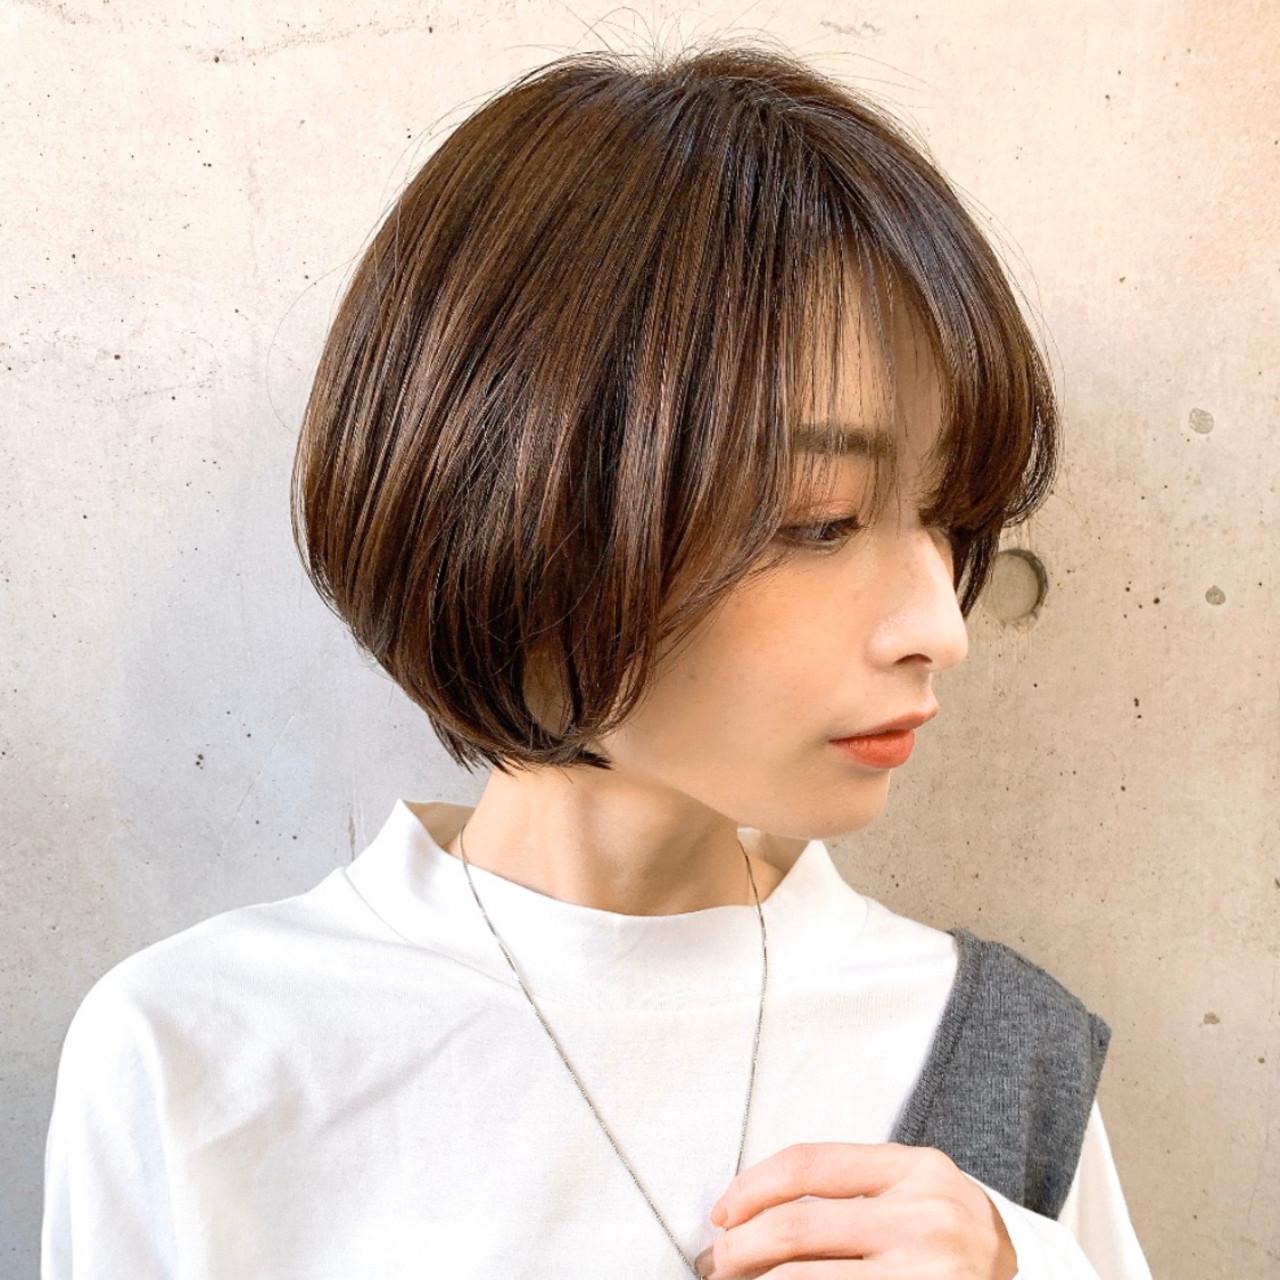 ショートヘア ナチュラル可愛い ショート ショートボブ ヘアスタイルや髪型の写真・画像